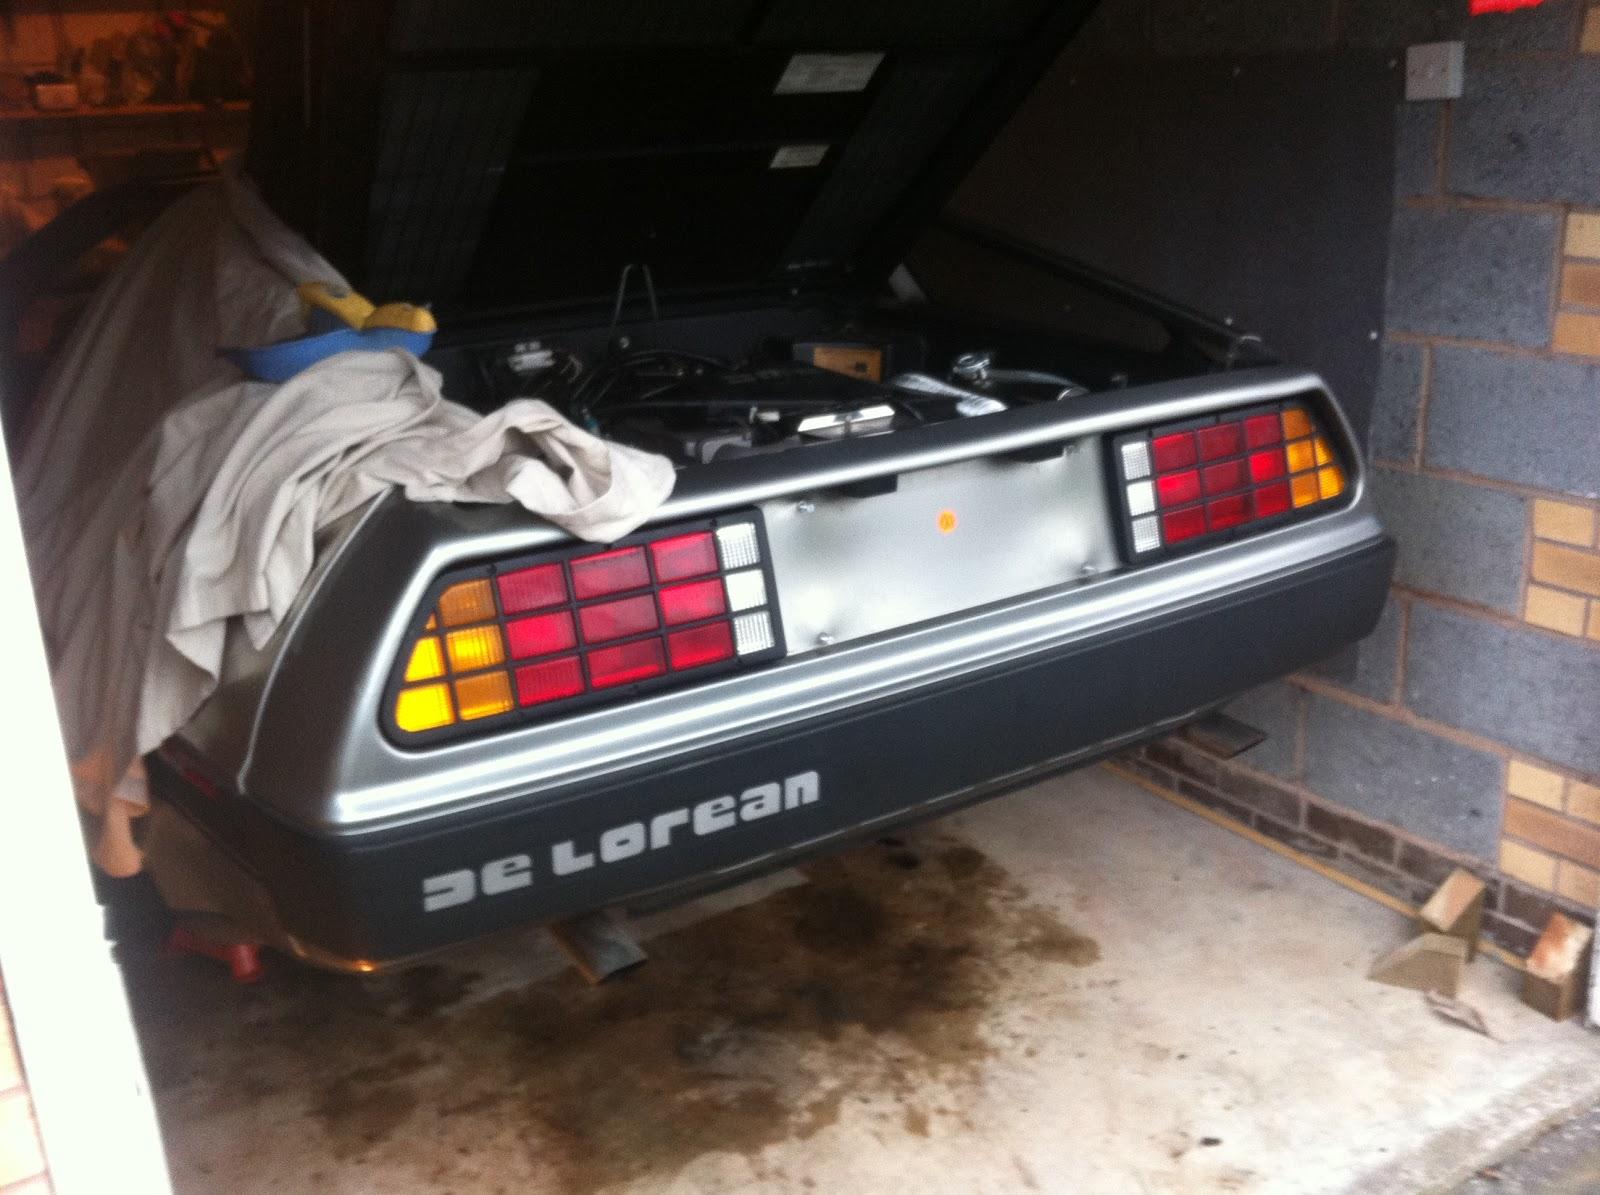 Importing My DeLorean - 1982 VIN# 10719: Coating the Frame in POR-15